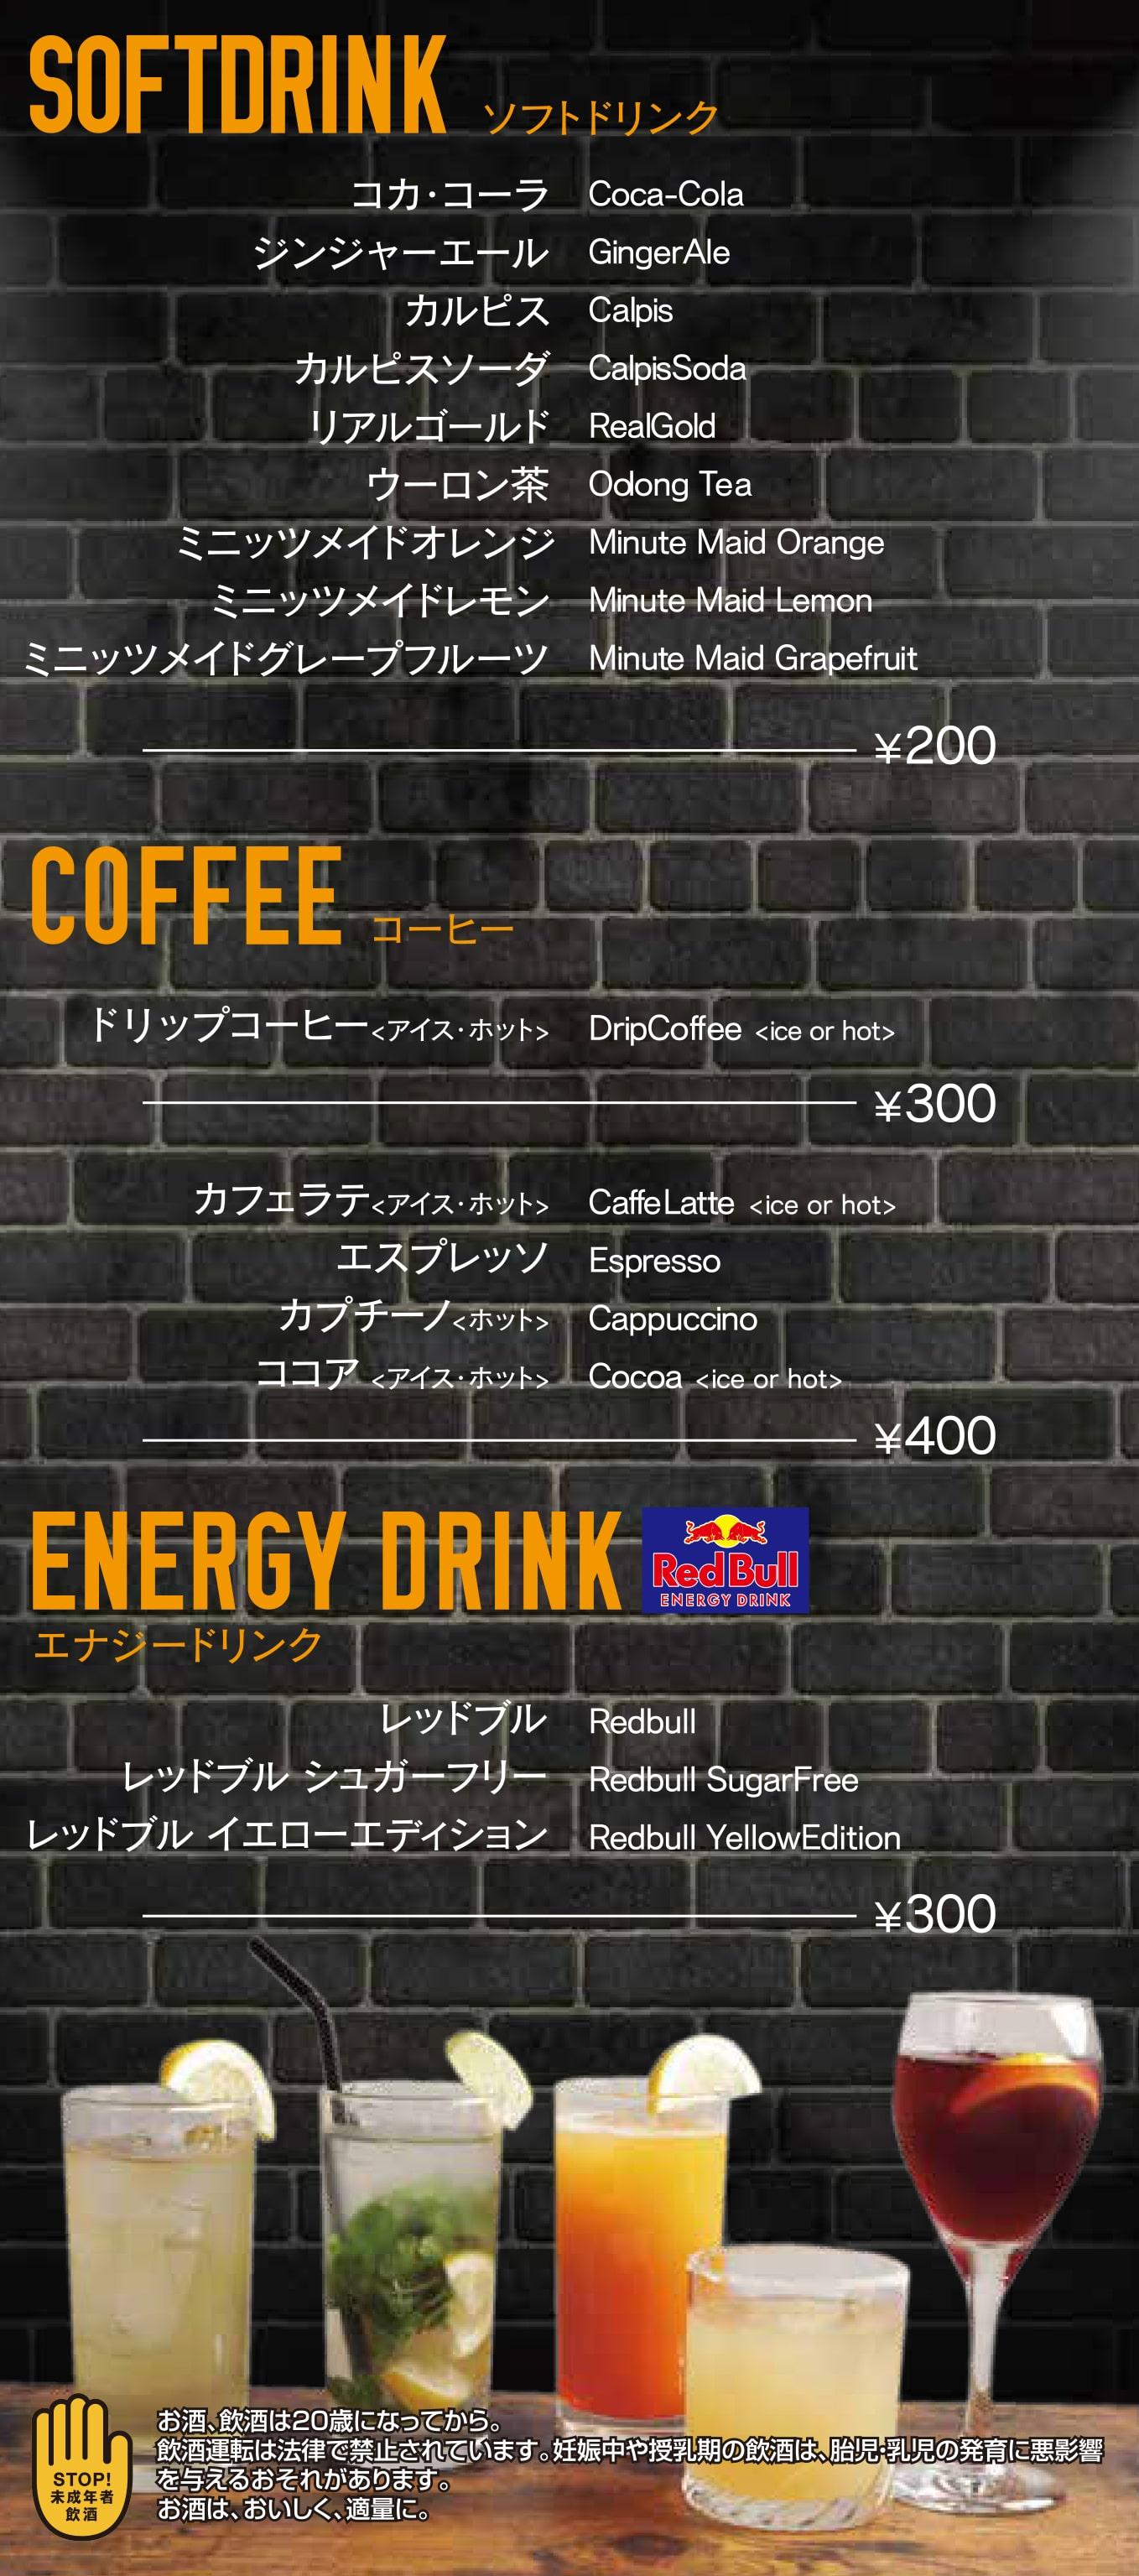 ソフトドリンク・コーヒー・エナジードリンク